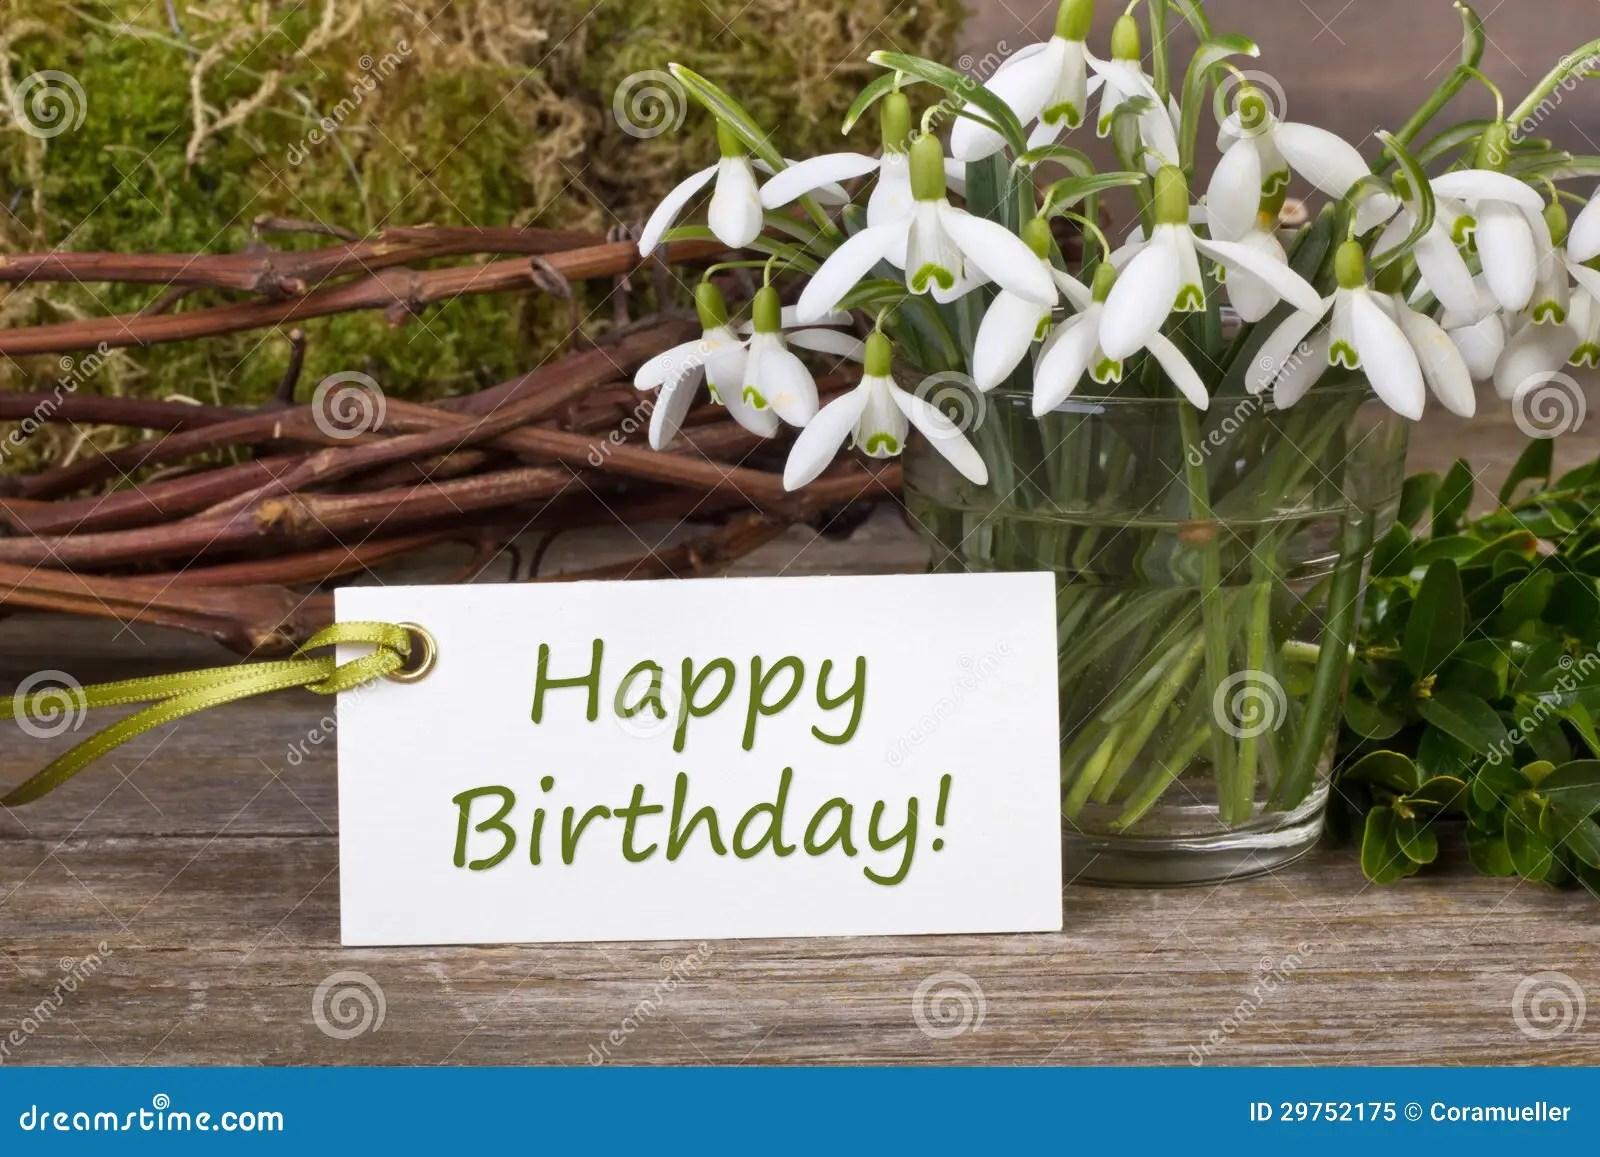 Happy Birthday Fonts ~ Write happy birthday fonts